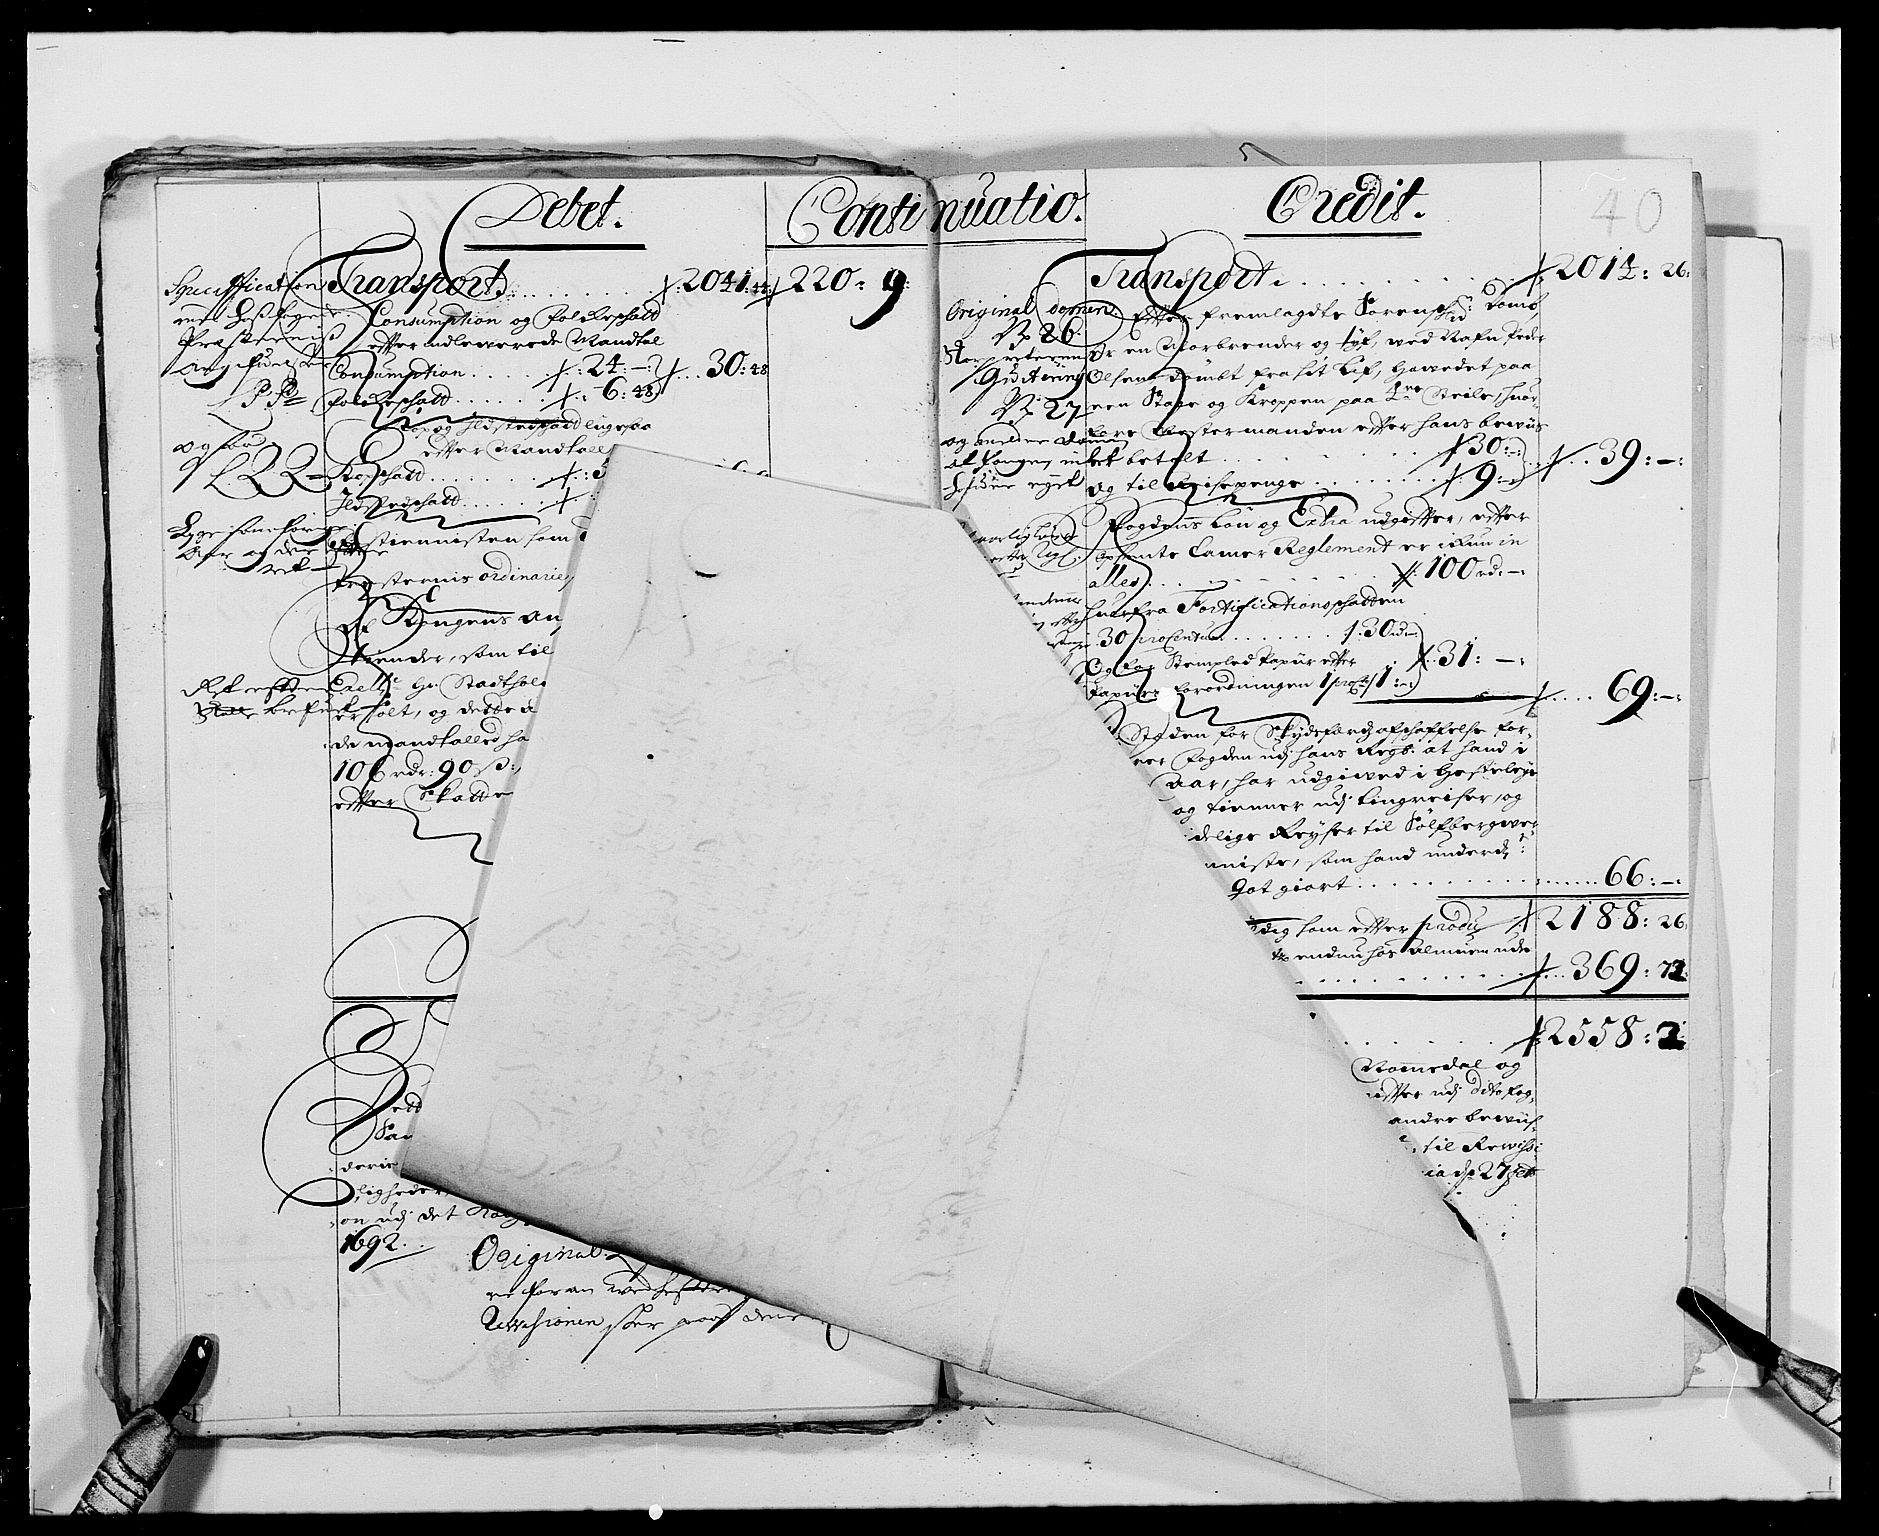 RA, Rentekammeret inntil 1814, Reviderte regnskaper, Fogderegnskap, R24/L1573: Fogderegnskap Numedal og Sandsvær, 1687-1691, s. 265